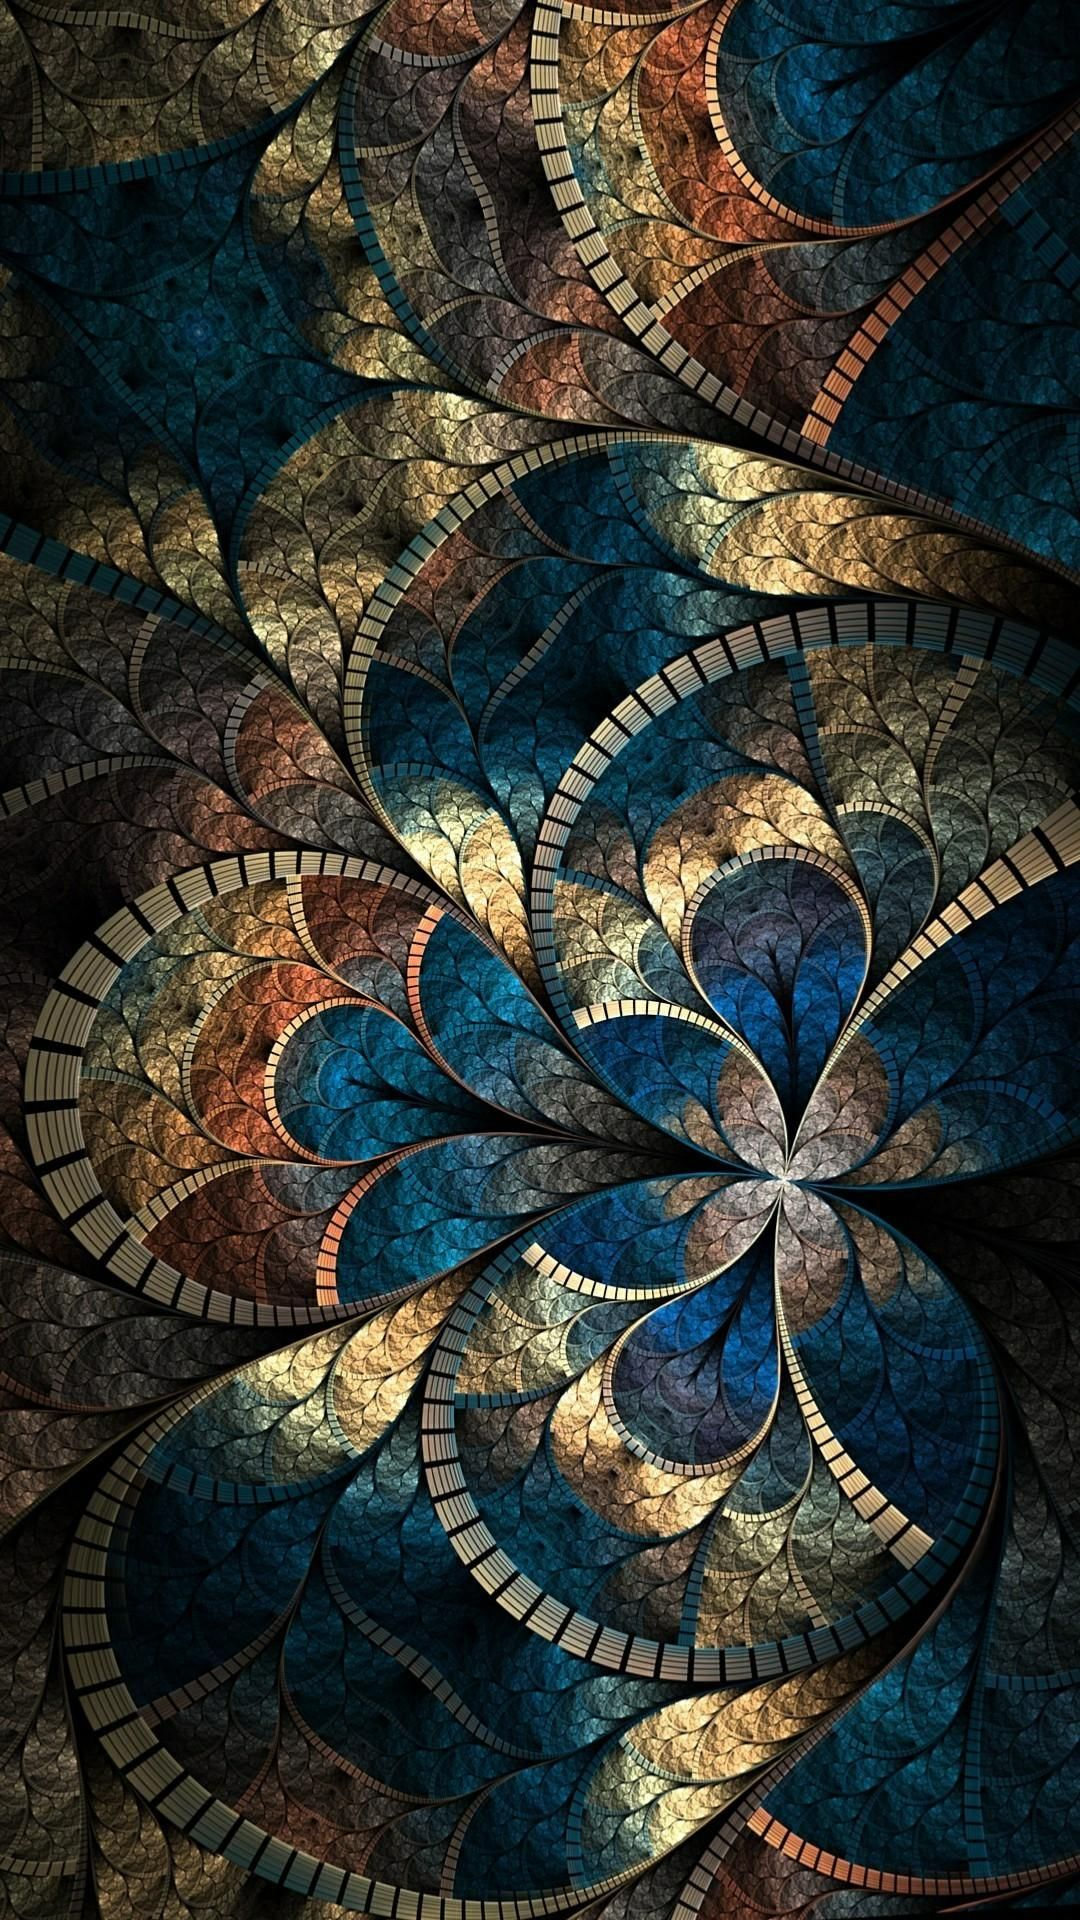 Mandala Tiles Art In 2019 Iphone Wallpaper Tumblr